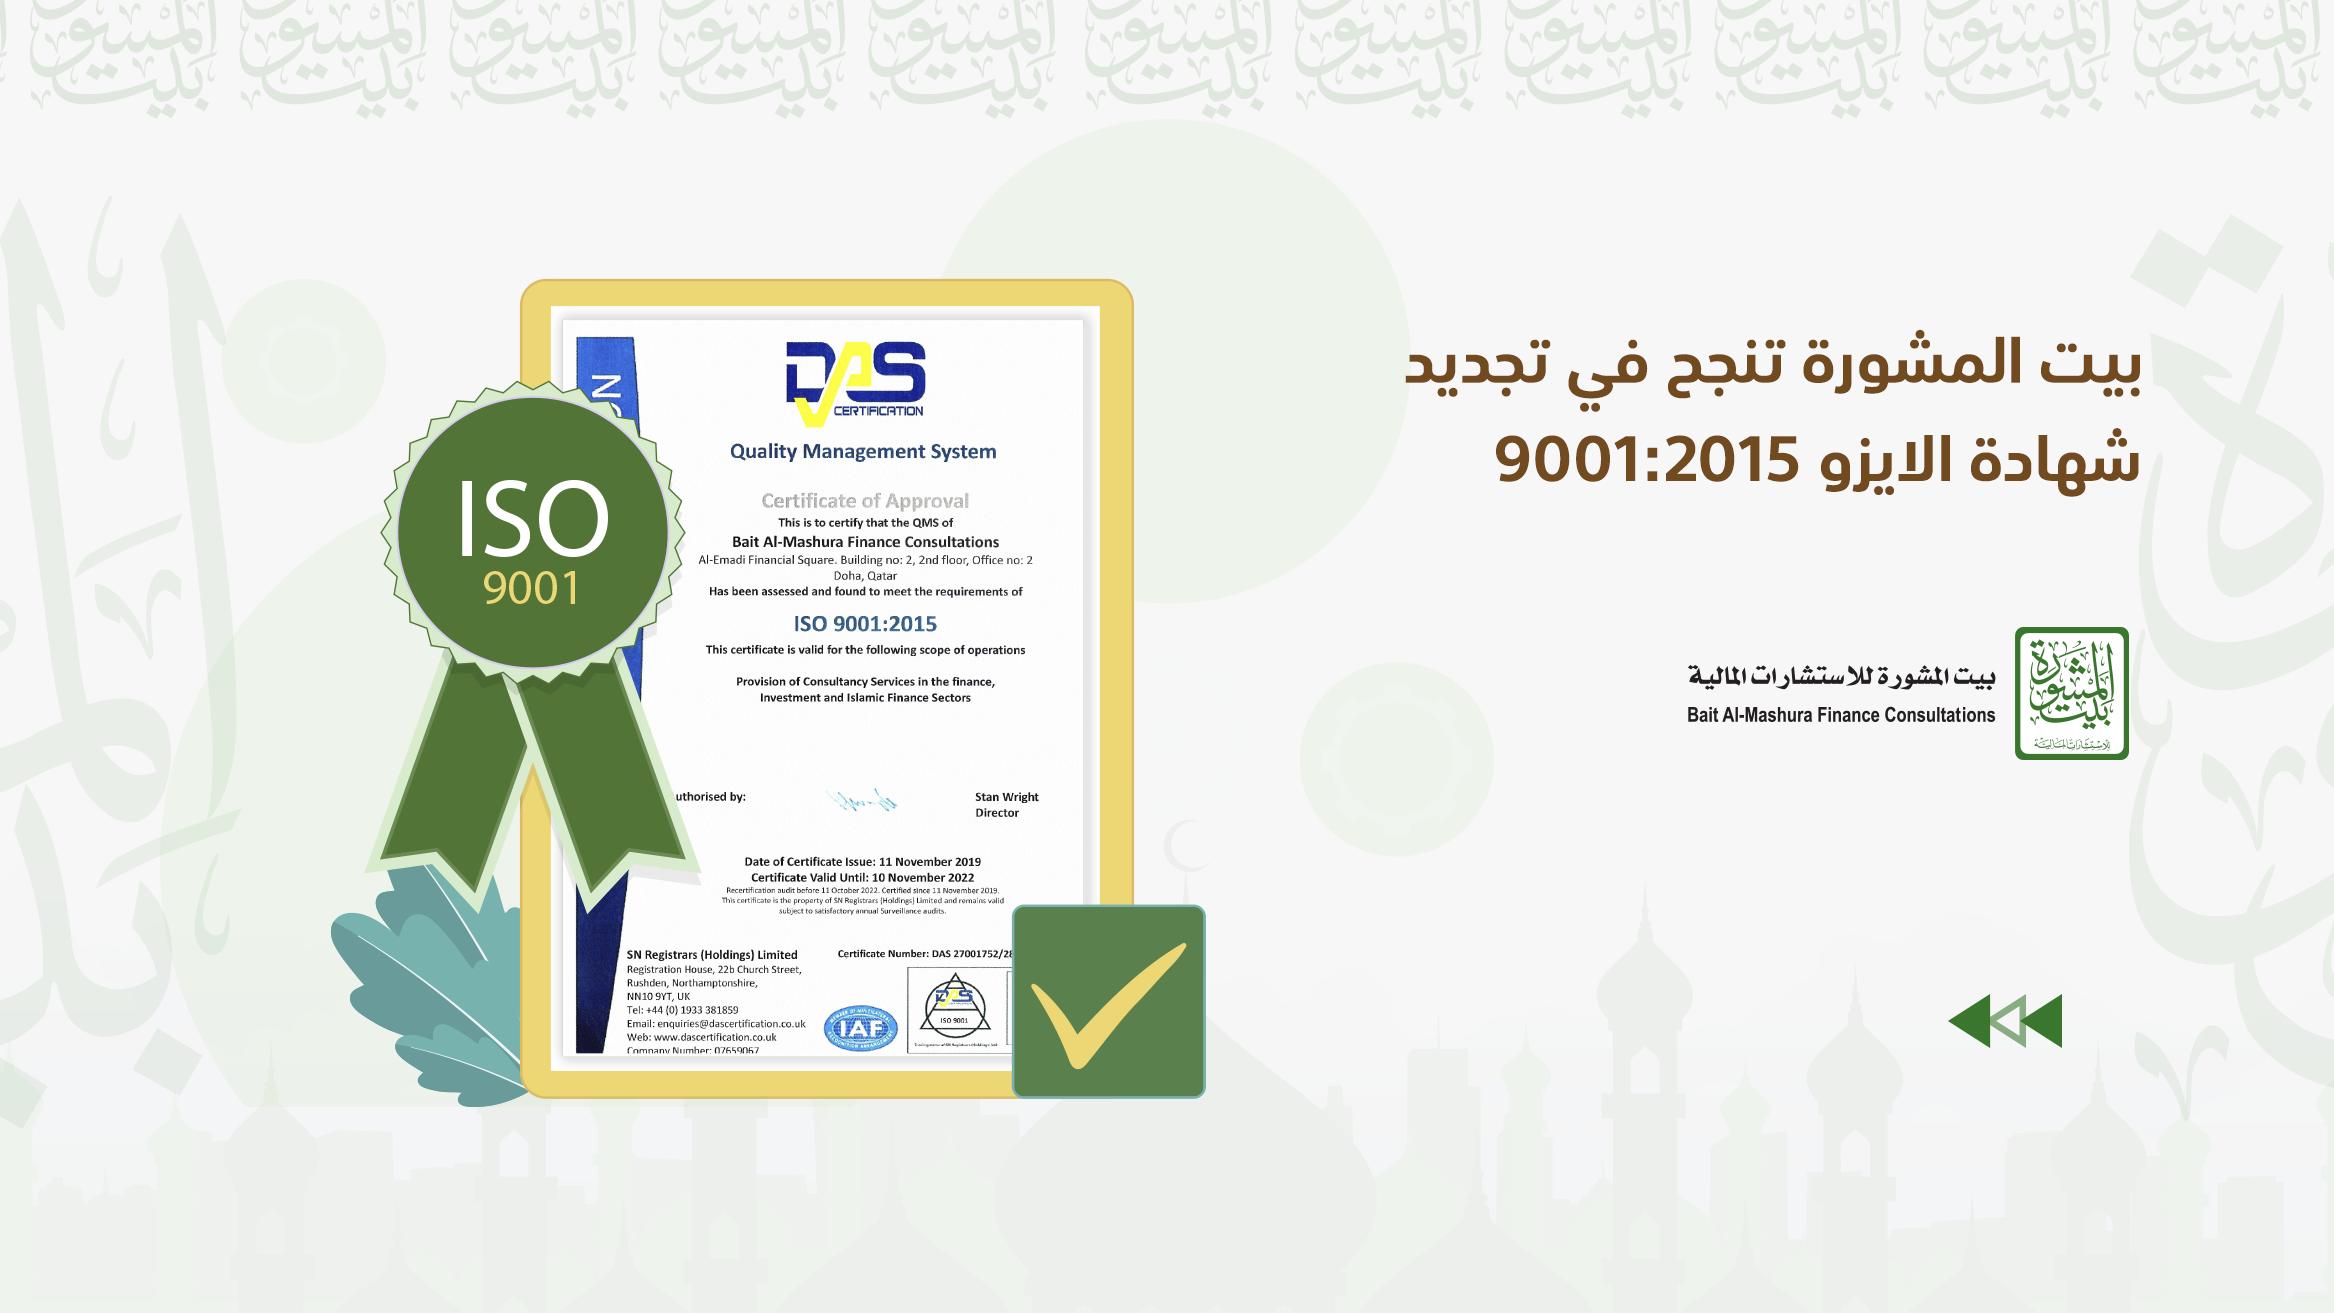 بيت المشورة تنجح في تجديد شهادة الايزو 9001:2015